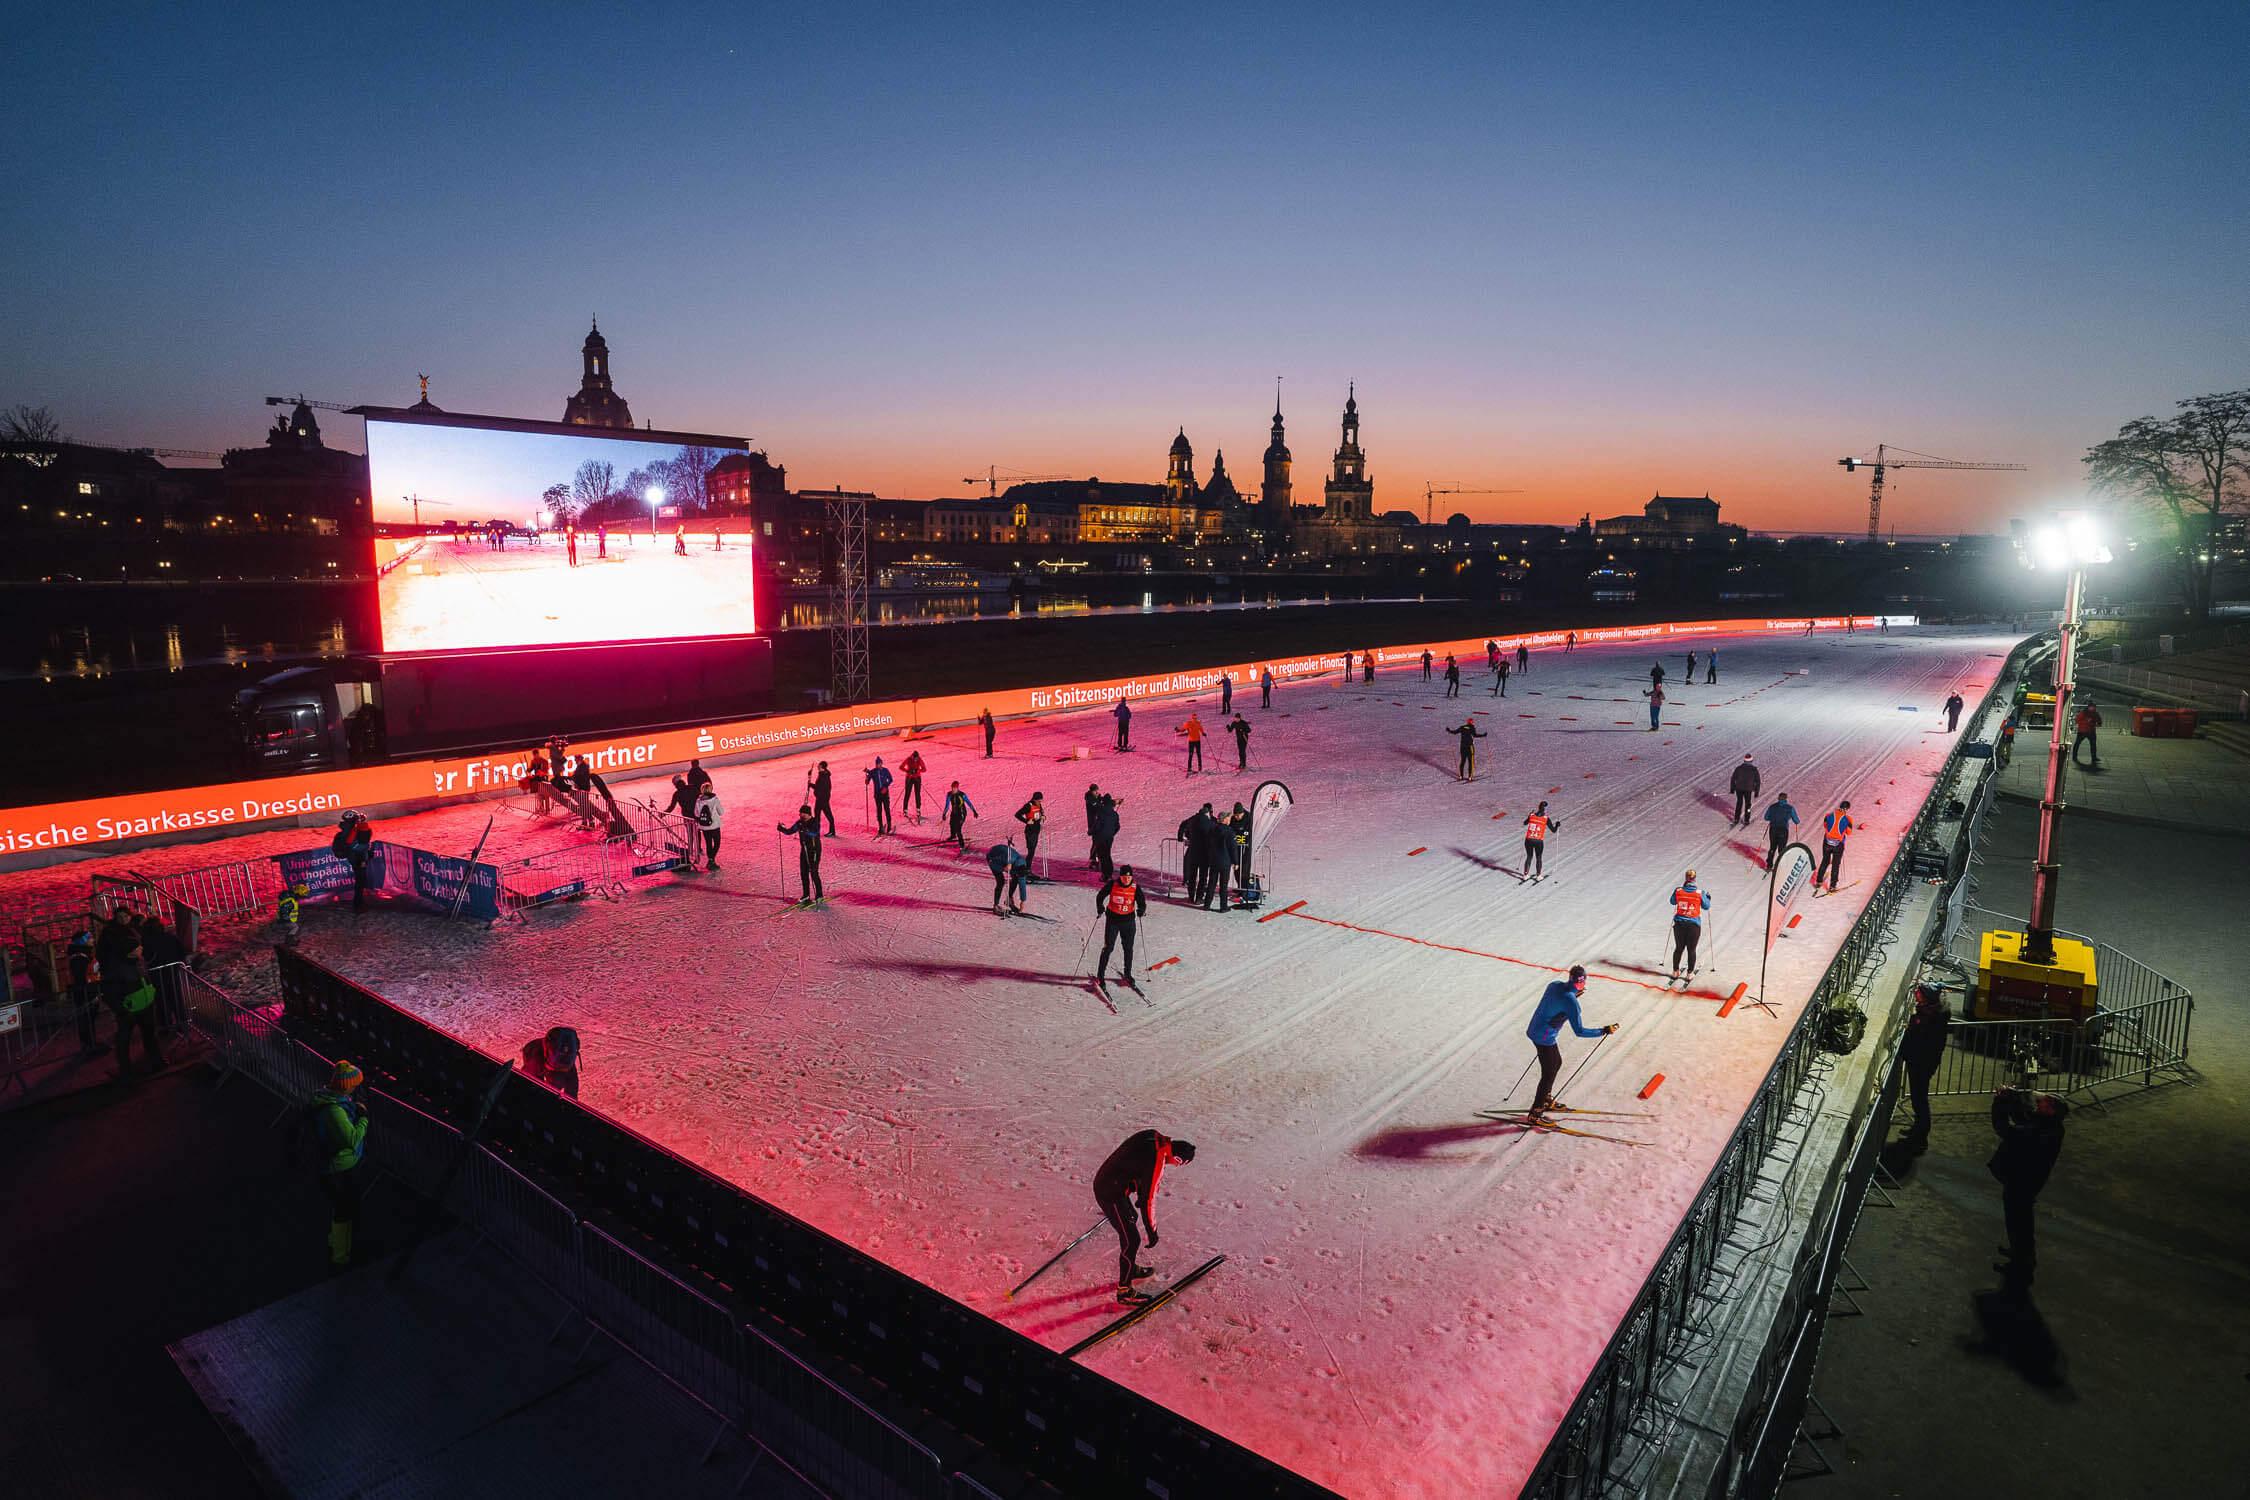 Skiareal Ski Weltcup in Dresden mit bekanntem Panorama